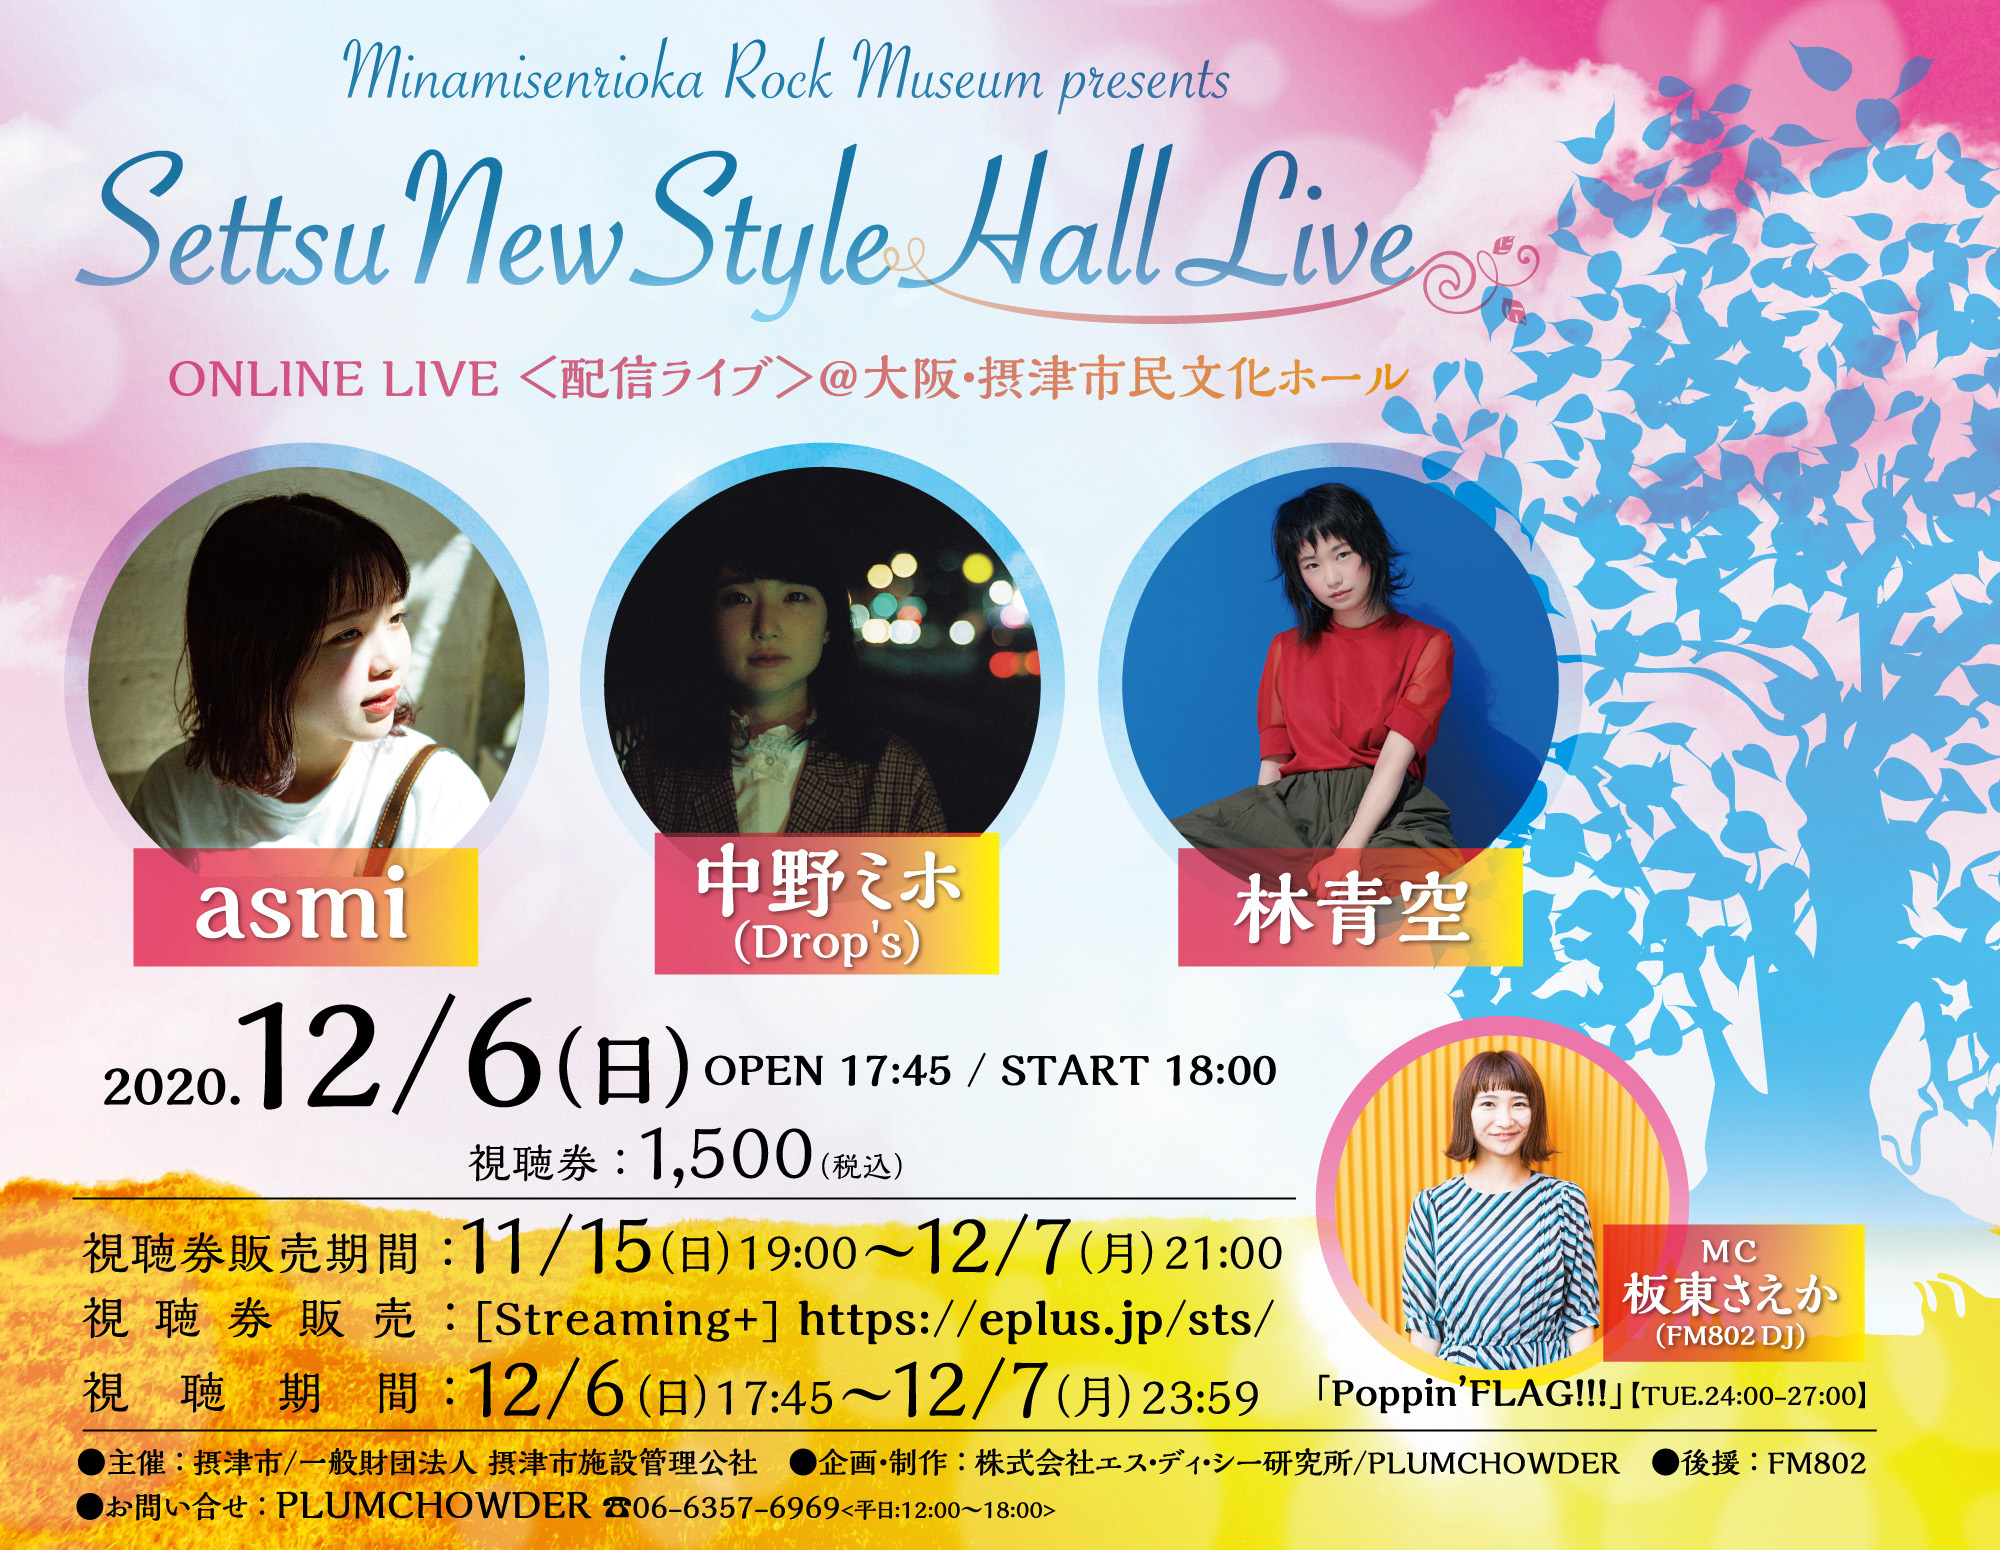 南千里丘 Rock Museum presents Settsu New Style Hall Live